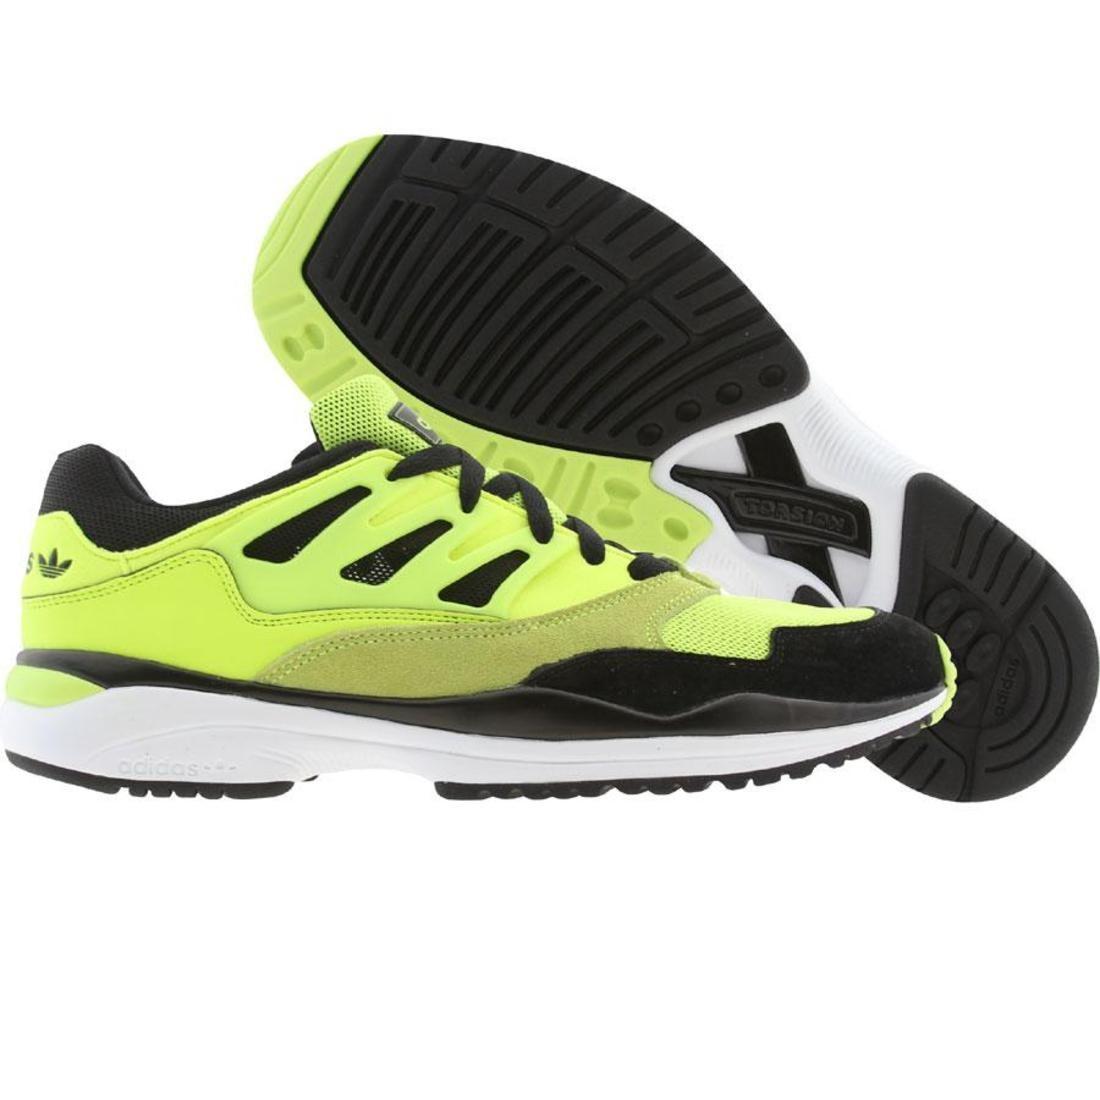 【海外限定】アディダス トルション アレグラ 黒 ブラック メンズ靴 スニーカー 【 ADIDAS BLACK MEN TORSION ALLEGRA X ELECTRIC RUNNINWHITE 】